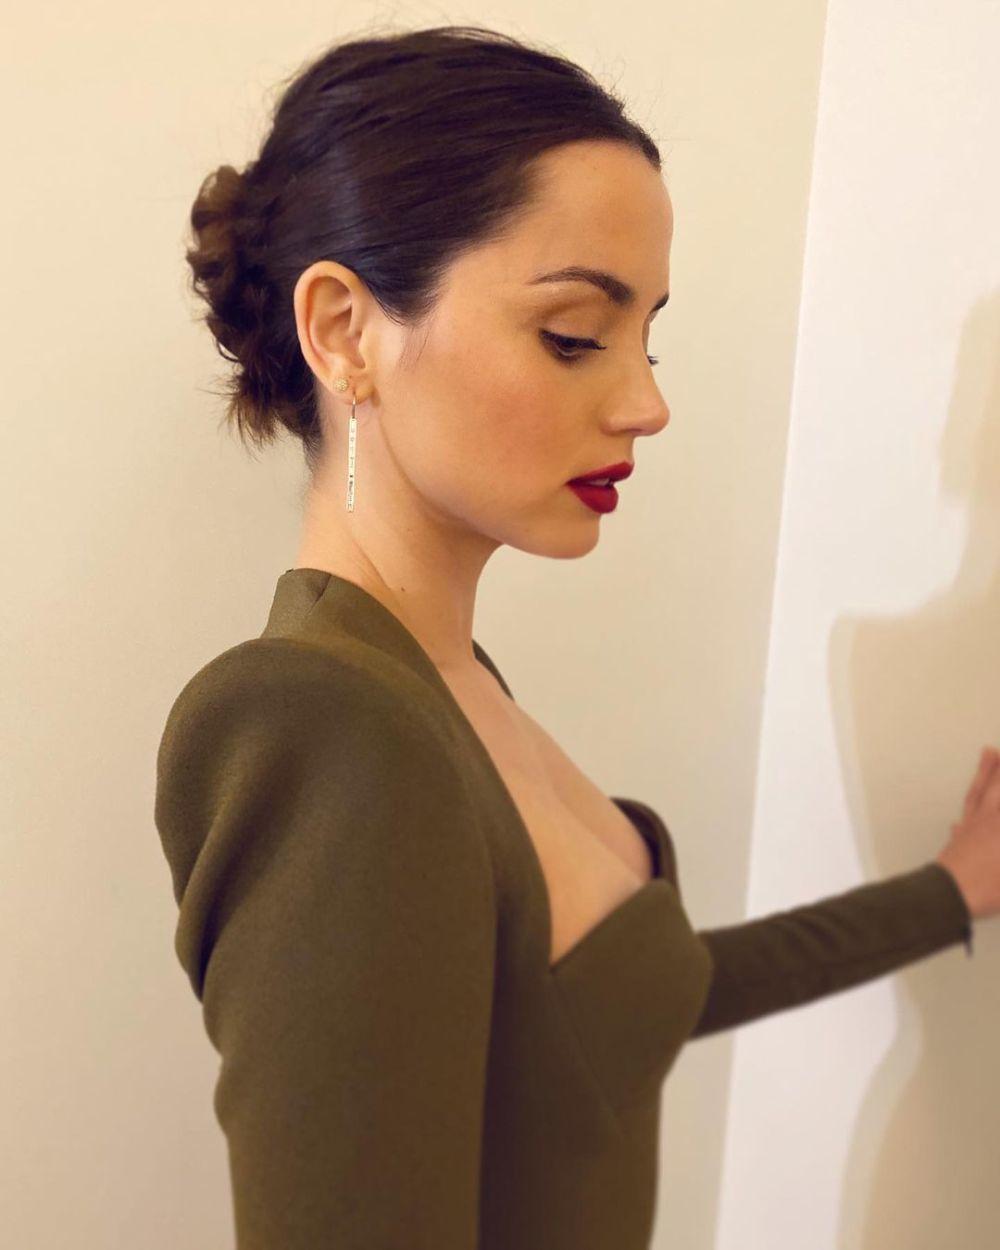 Ana de Armas luciendo un pequeño moño desordenado elaborado por la estilista Mara Roszak.